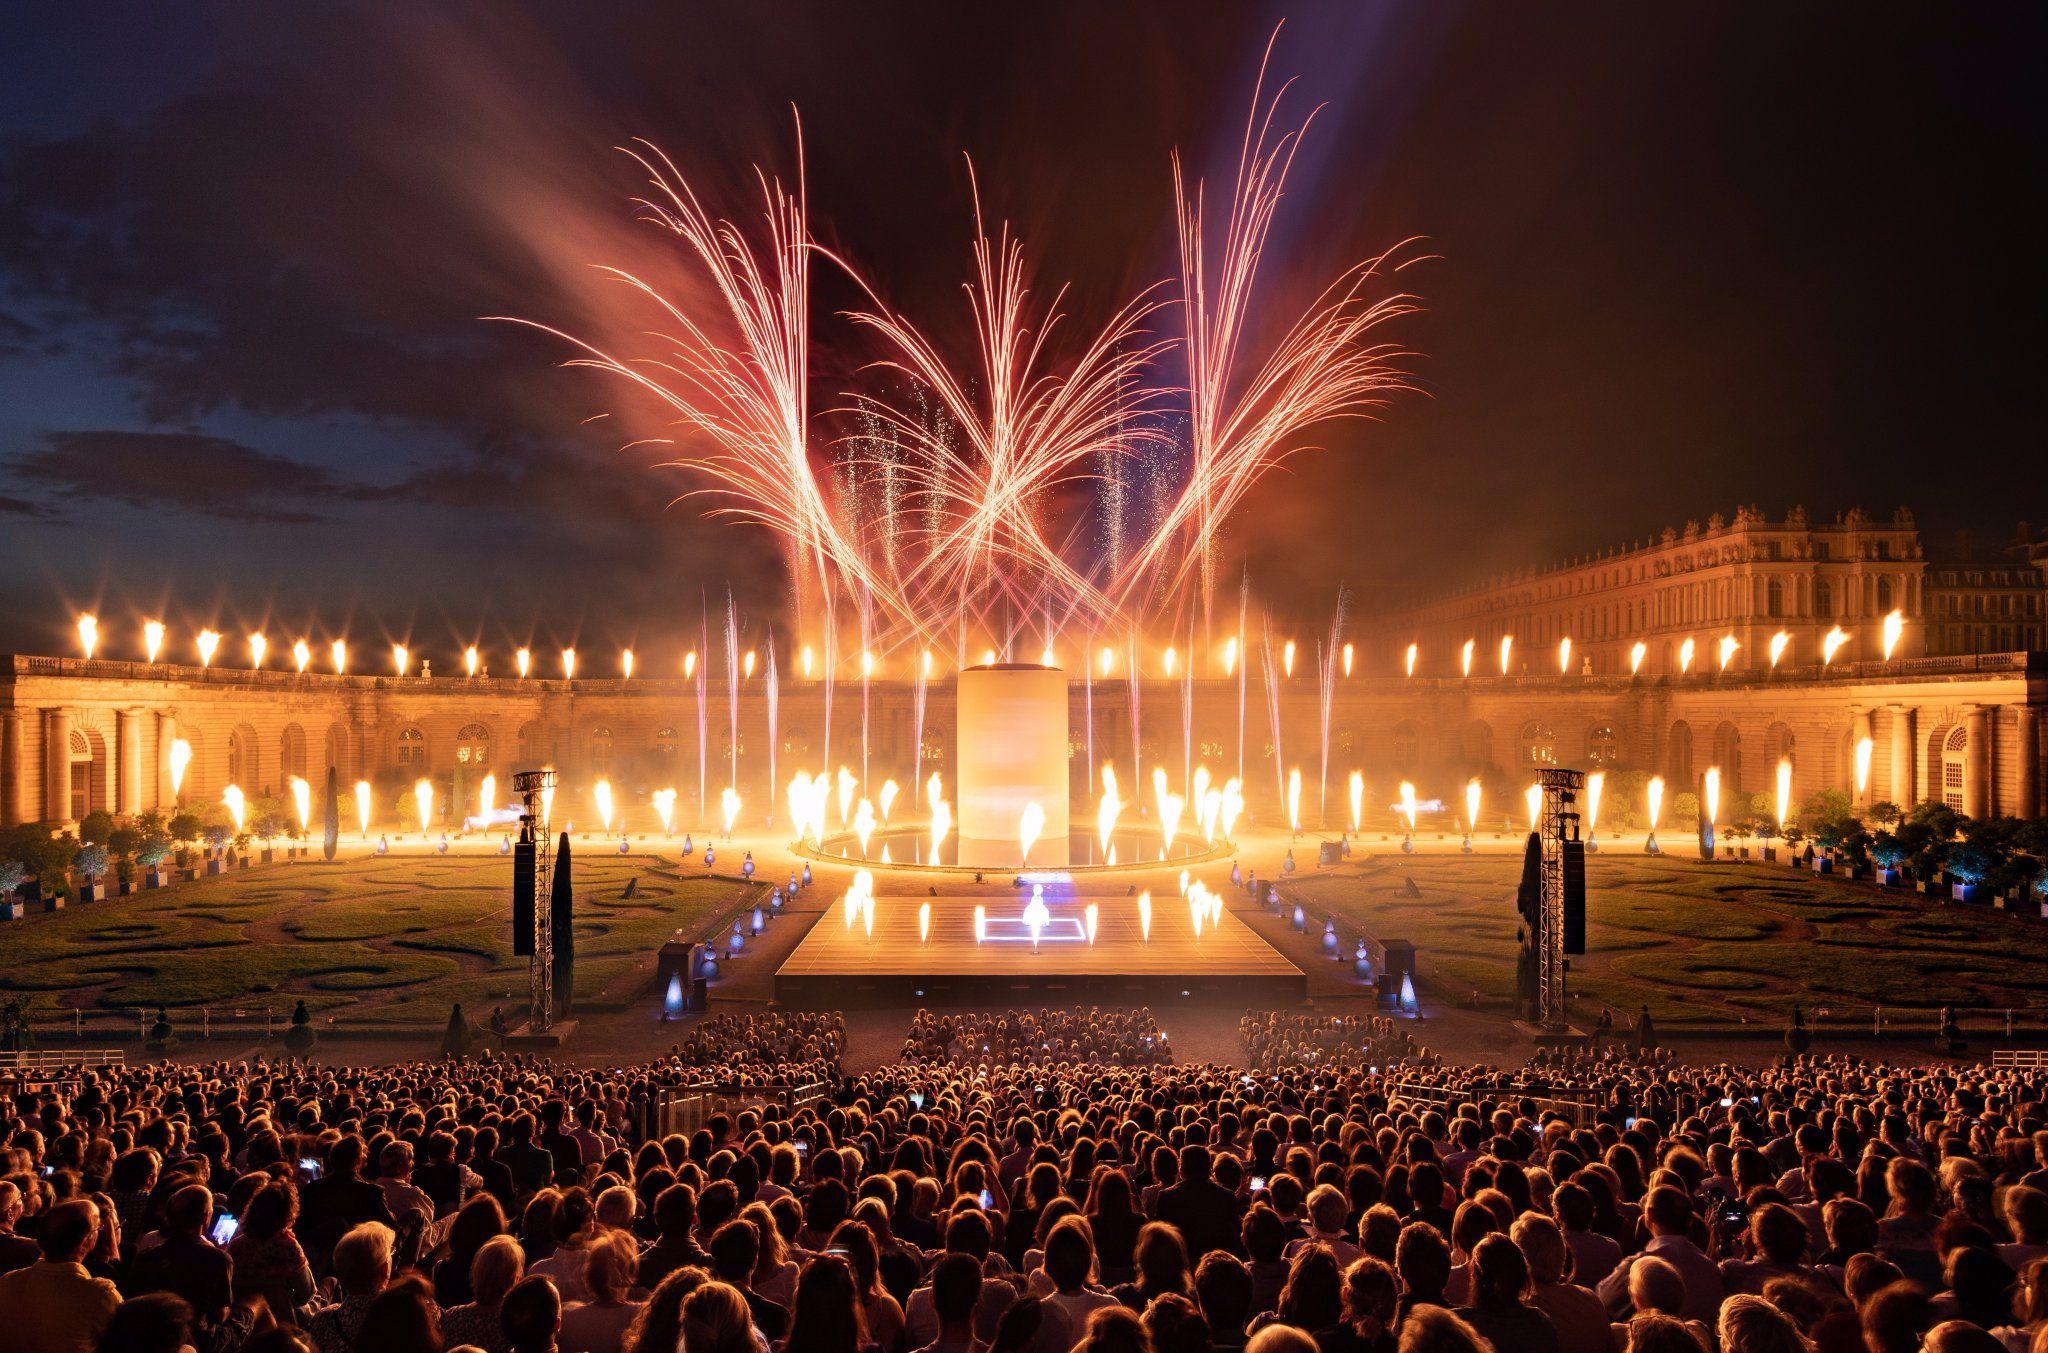 Chateau De Versailles Spectacles On Avec Images Spectacle Pyrotechnique